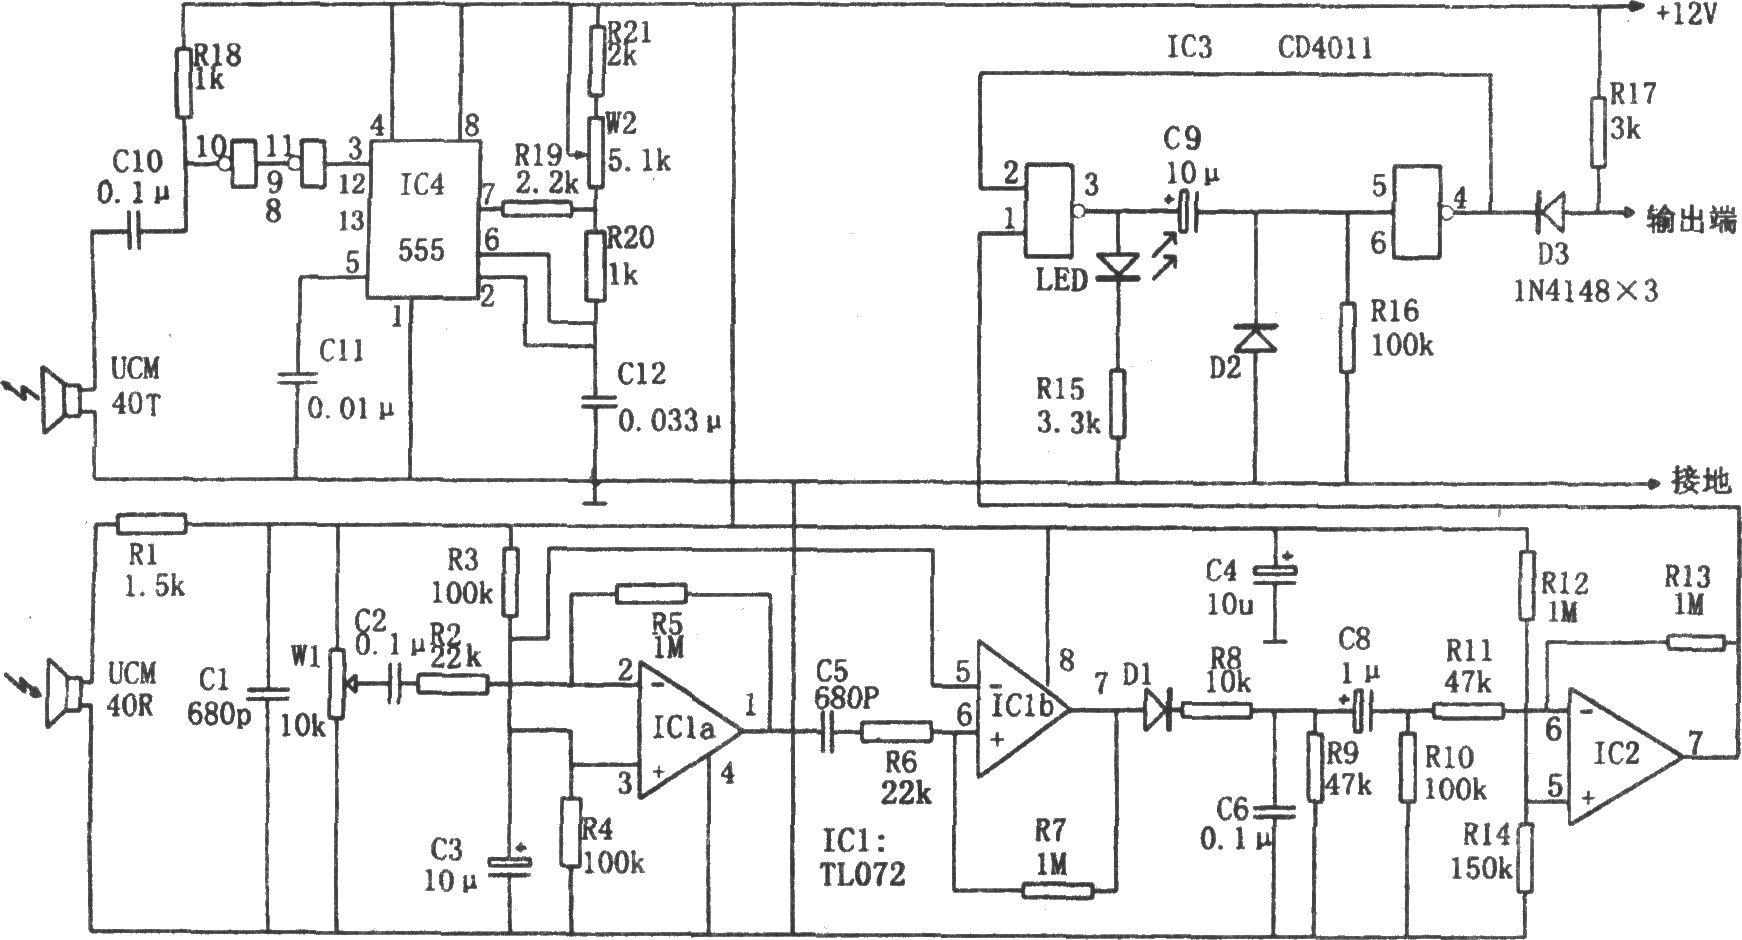 振荡器输出的交变方波经二次反相后驱动超声波传感器